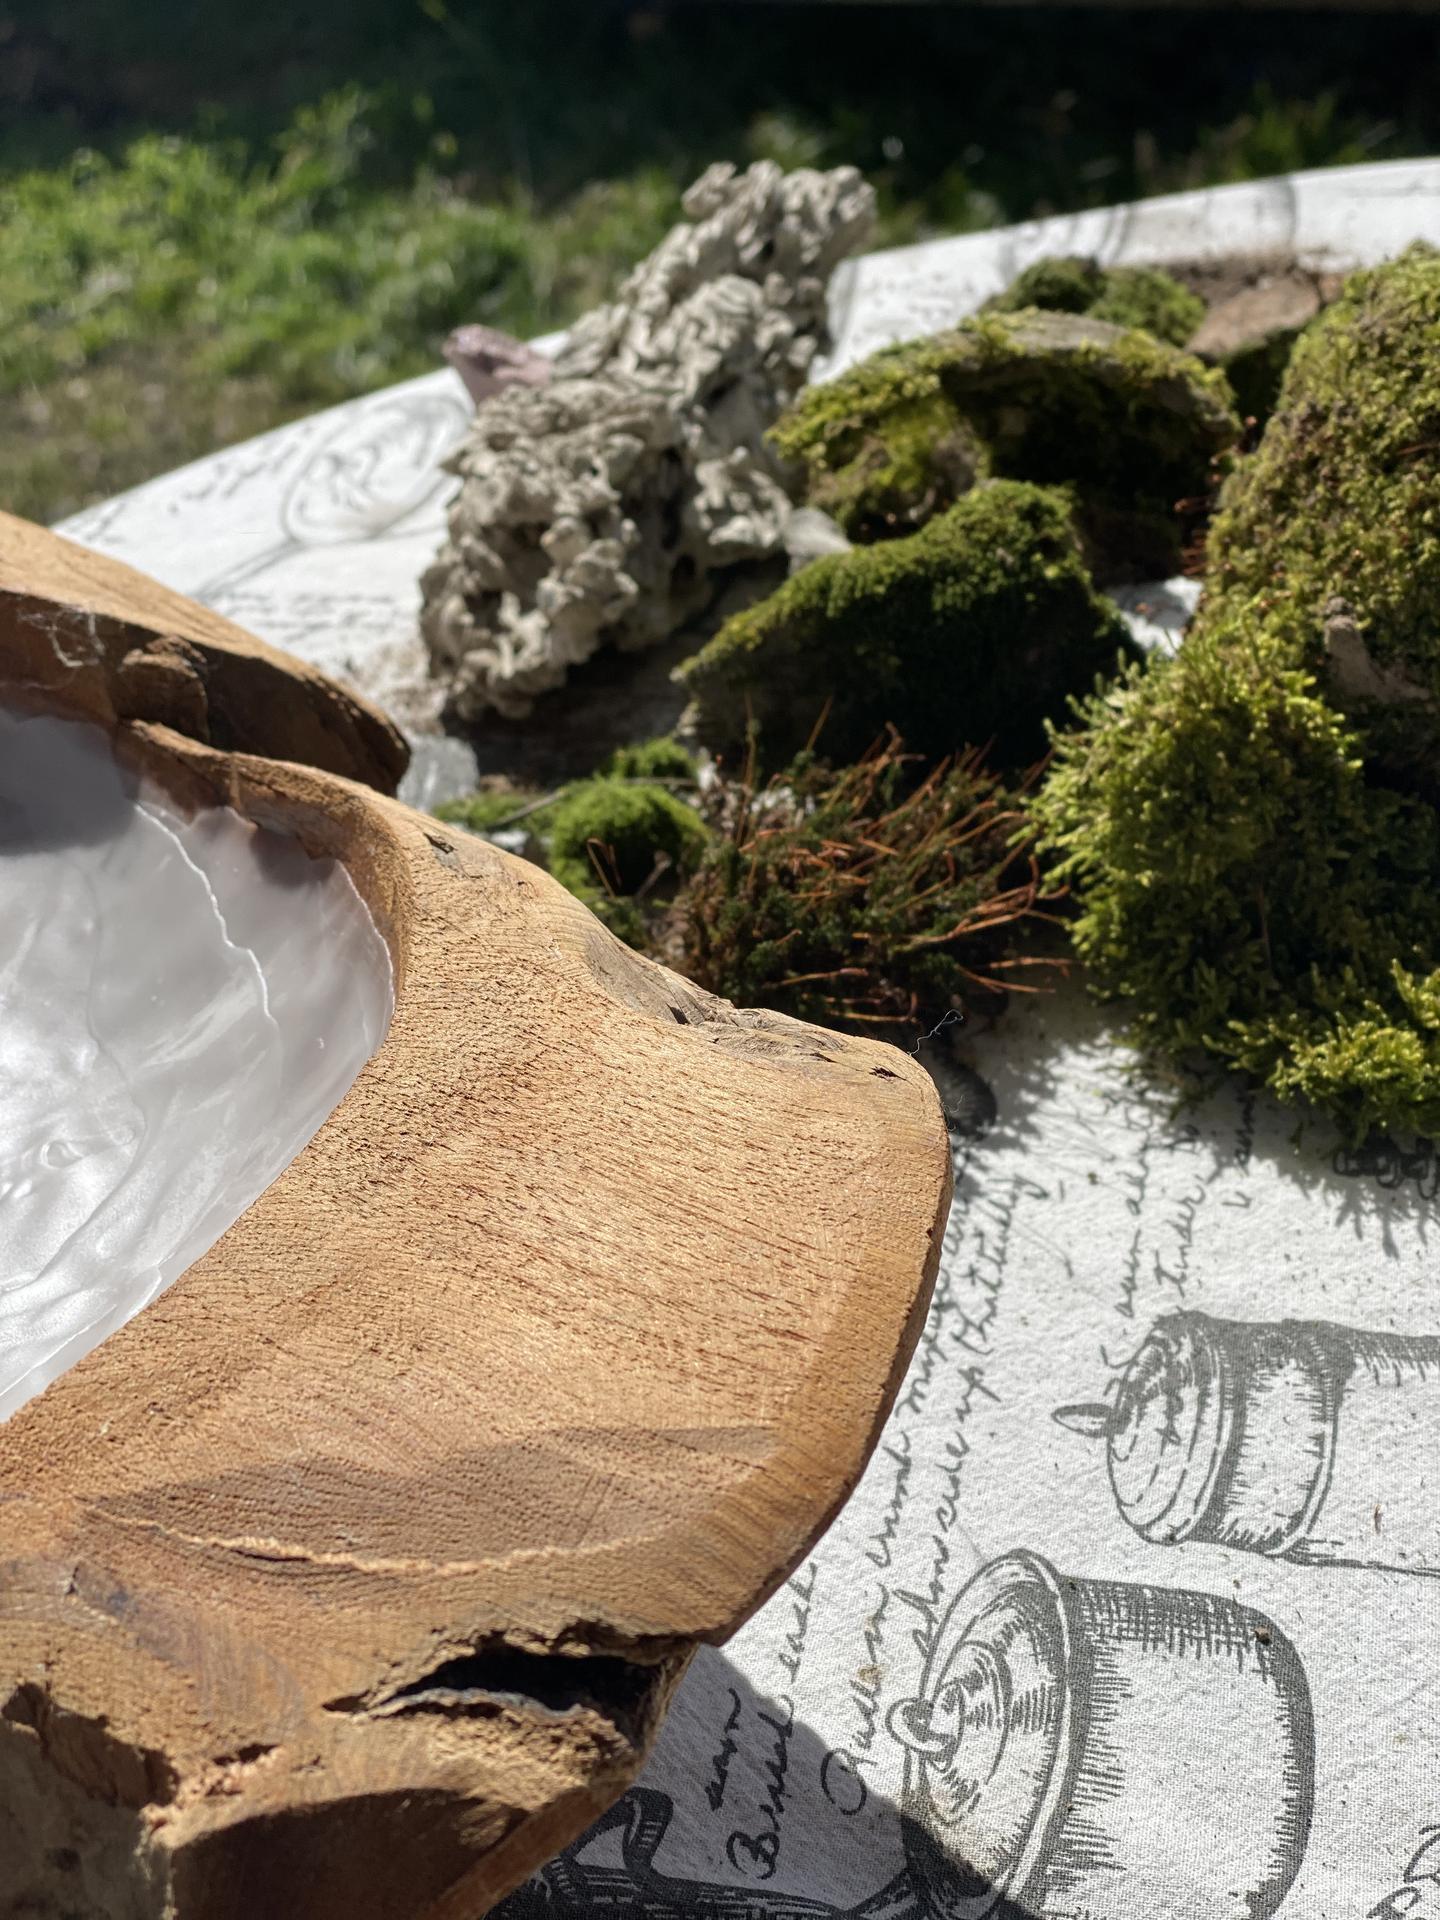 Catfriendly dekorácia - Teaková miska+ kamene obrastené machom na zaťaženie trávy zo záhrady, aby mačky nevytiahli celý trs a nespravili neporiadok...